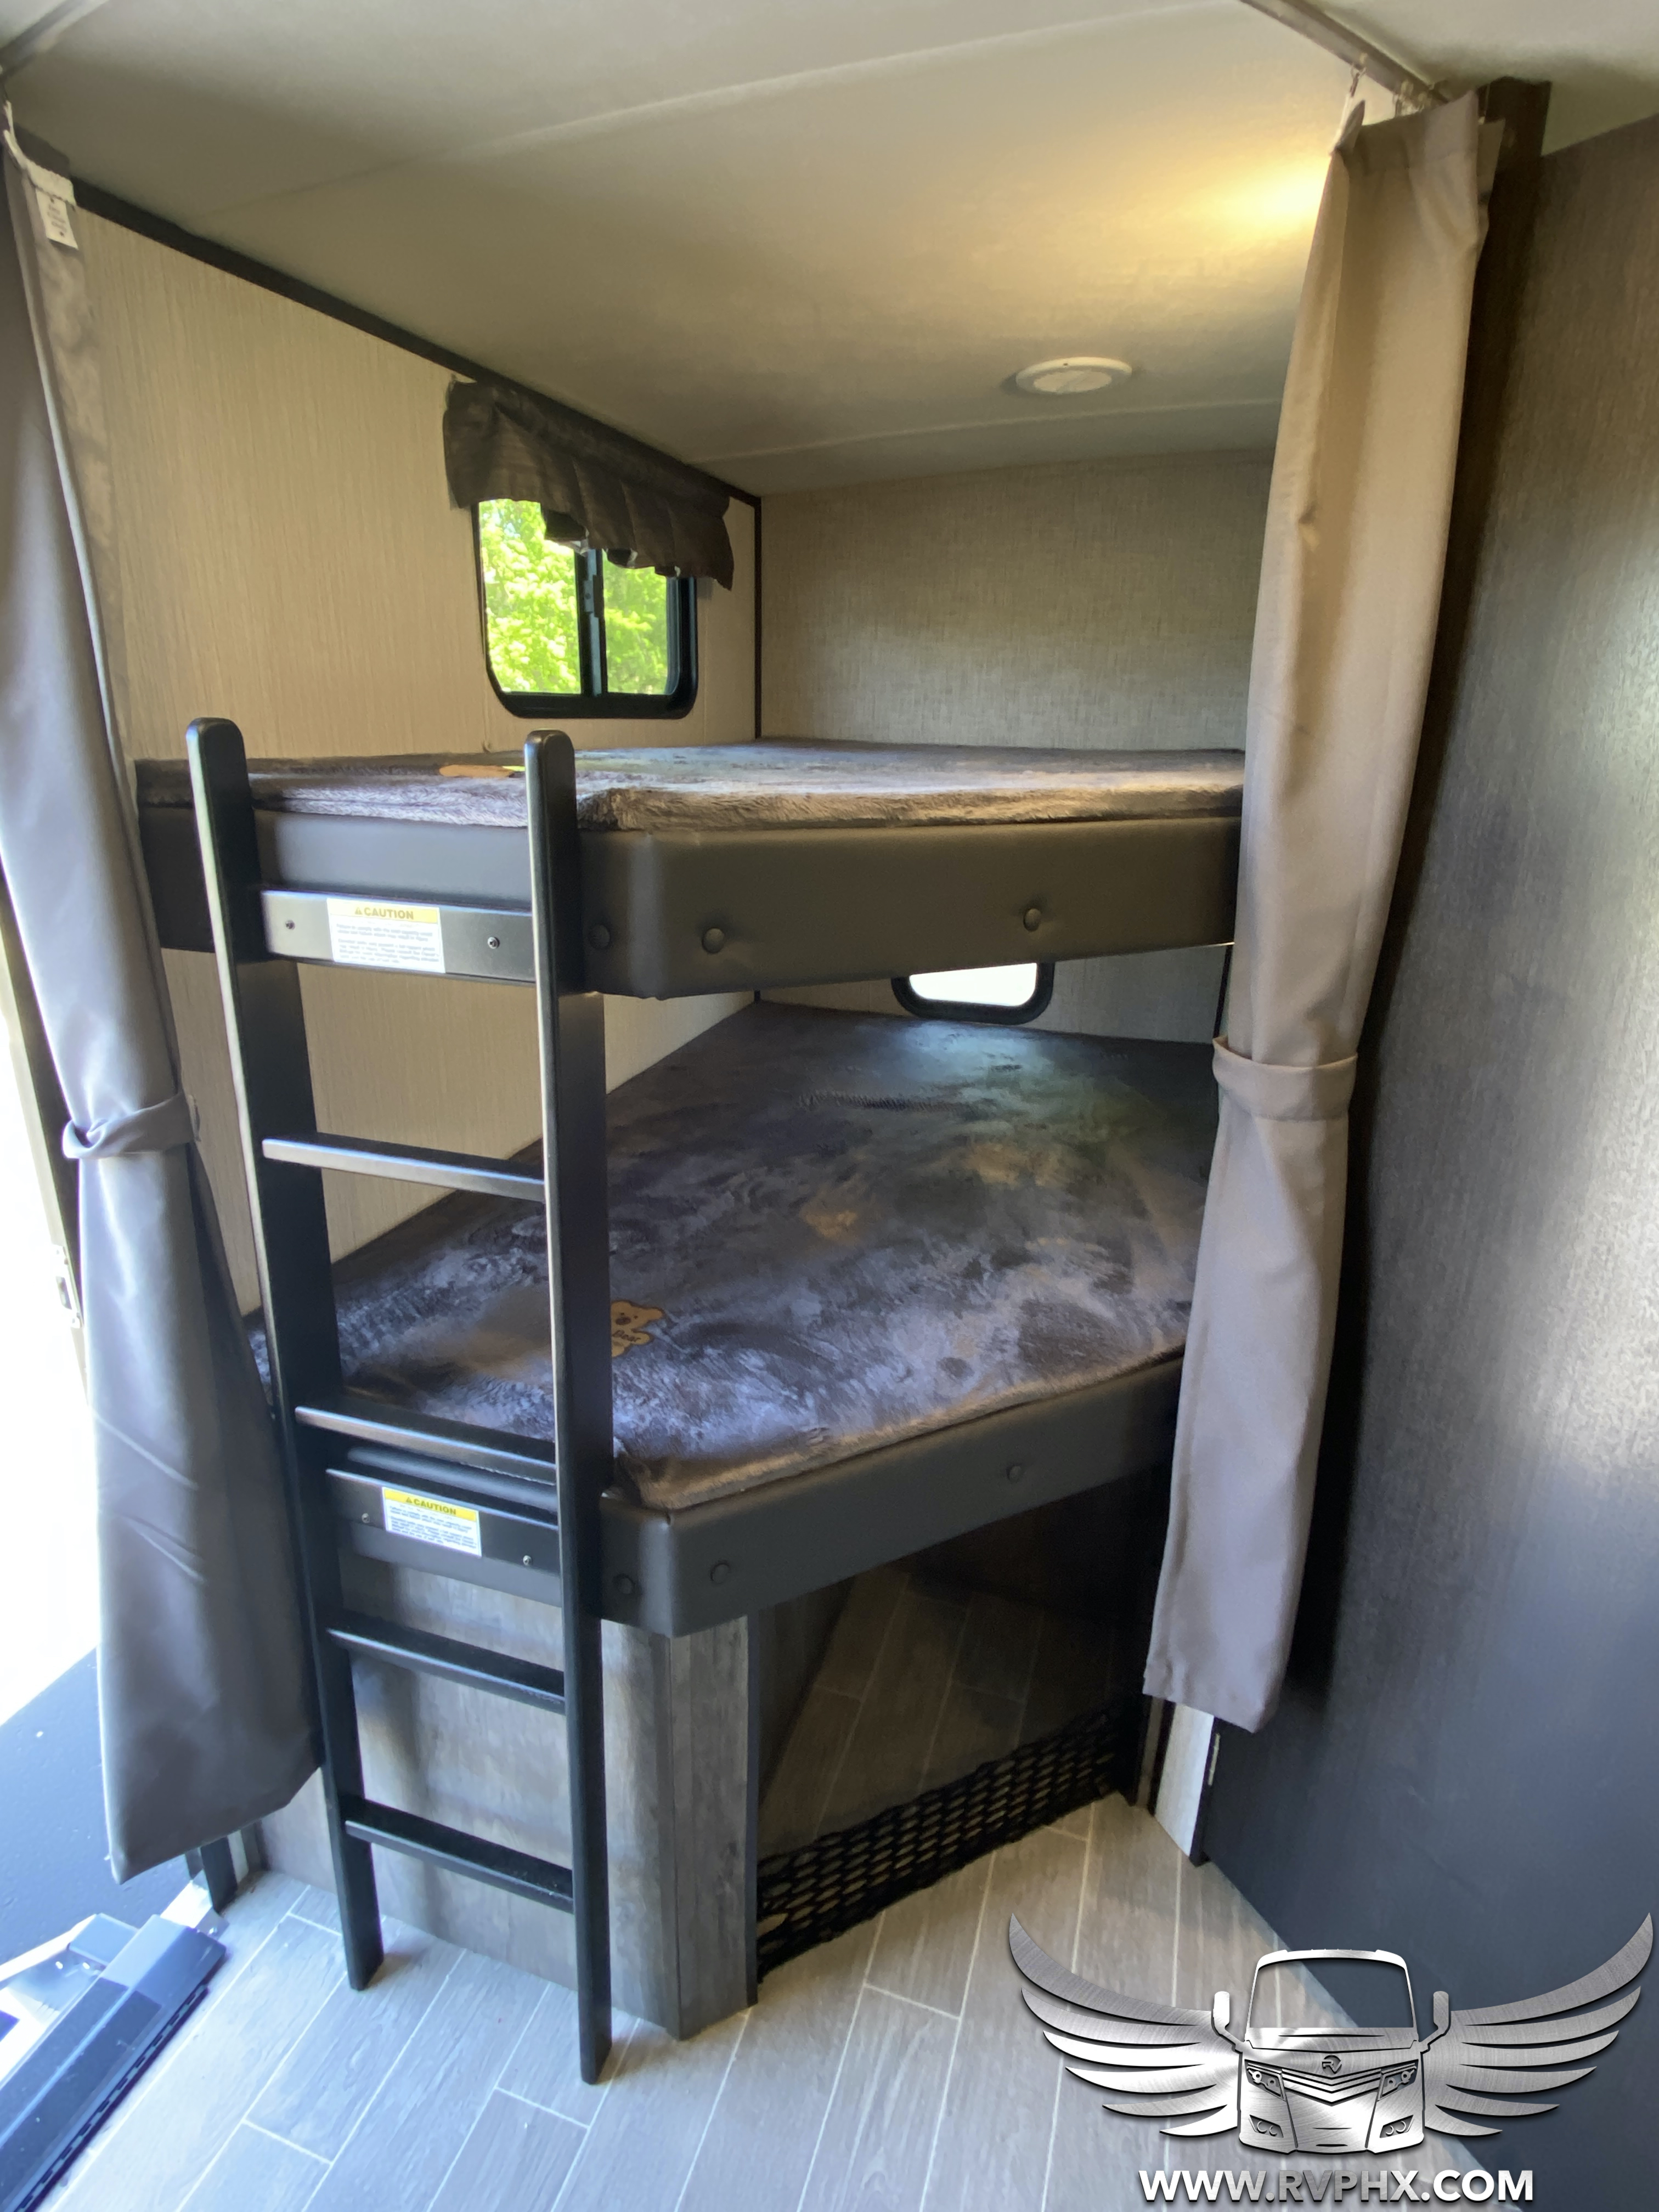 2510bh bunk beds